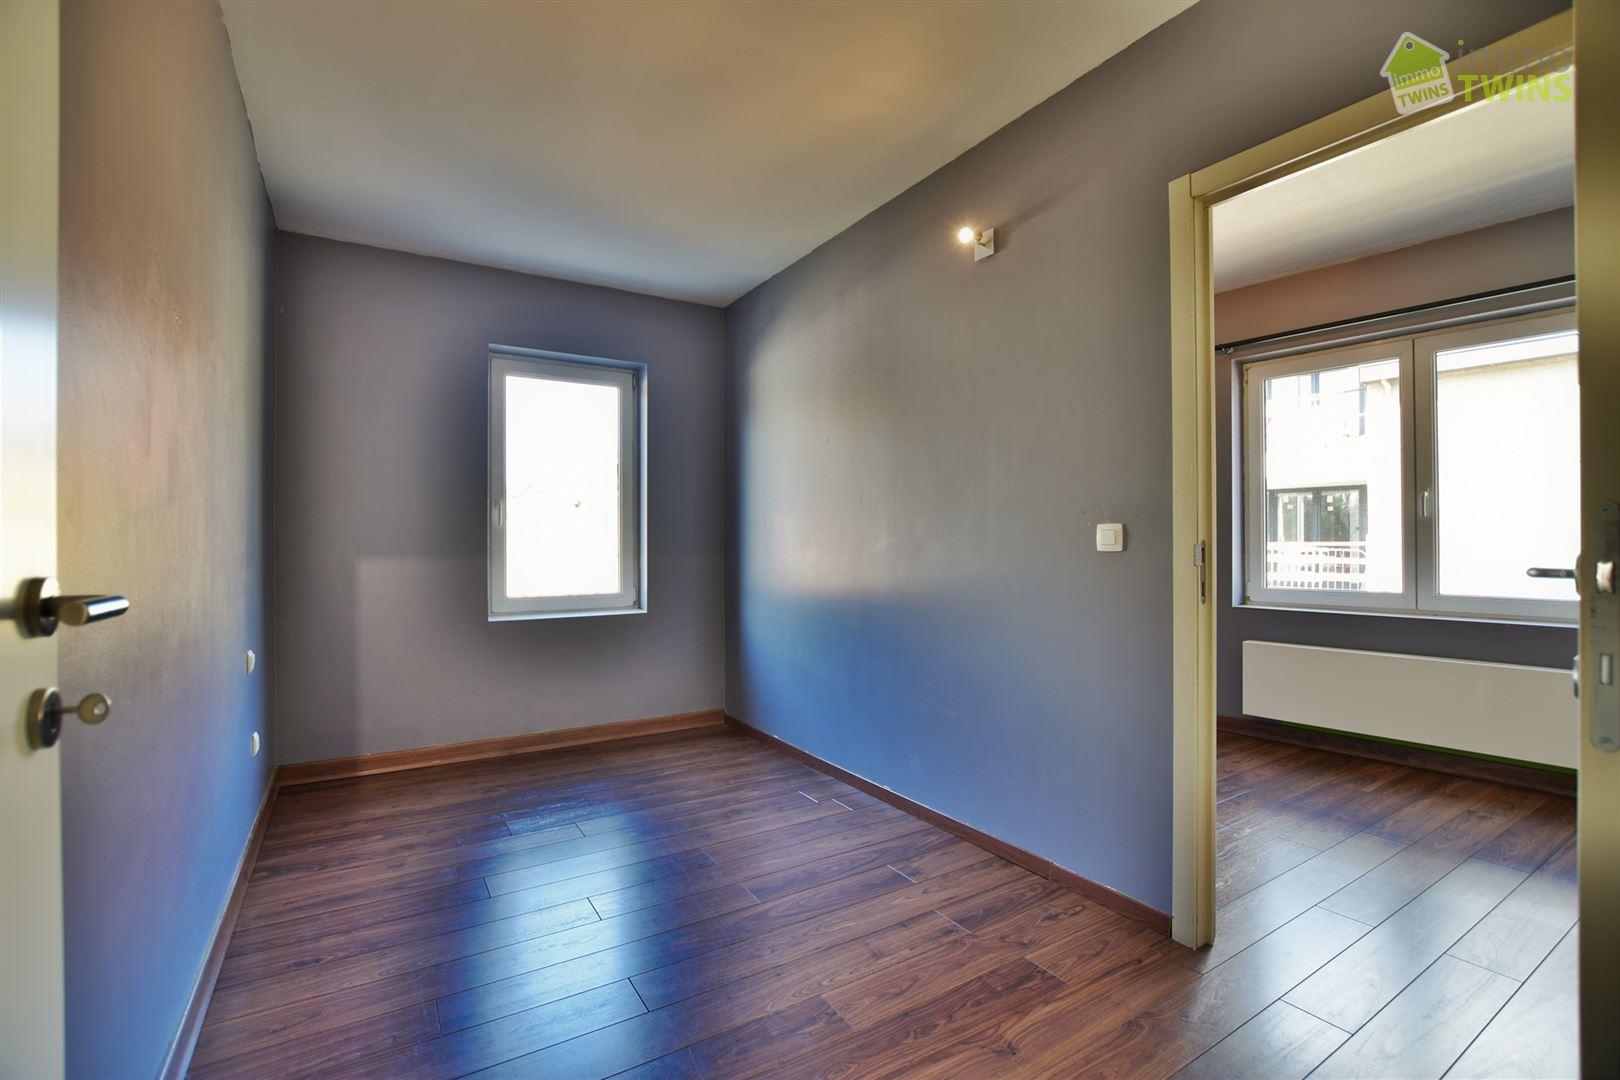 Foto 11 : Appartement te 9200 Sint-Gillis-bij-Dendermonde (België) - Prijs € 219.000